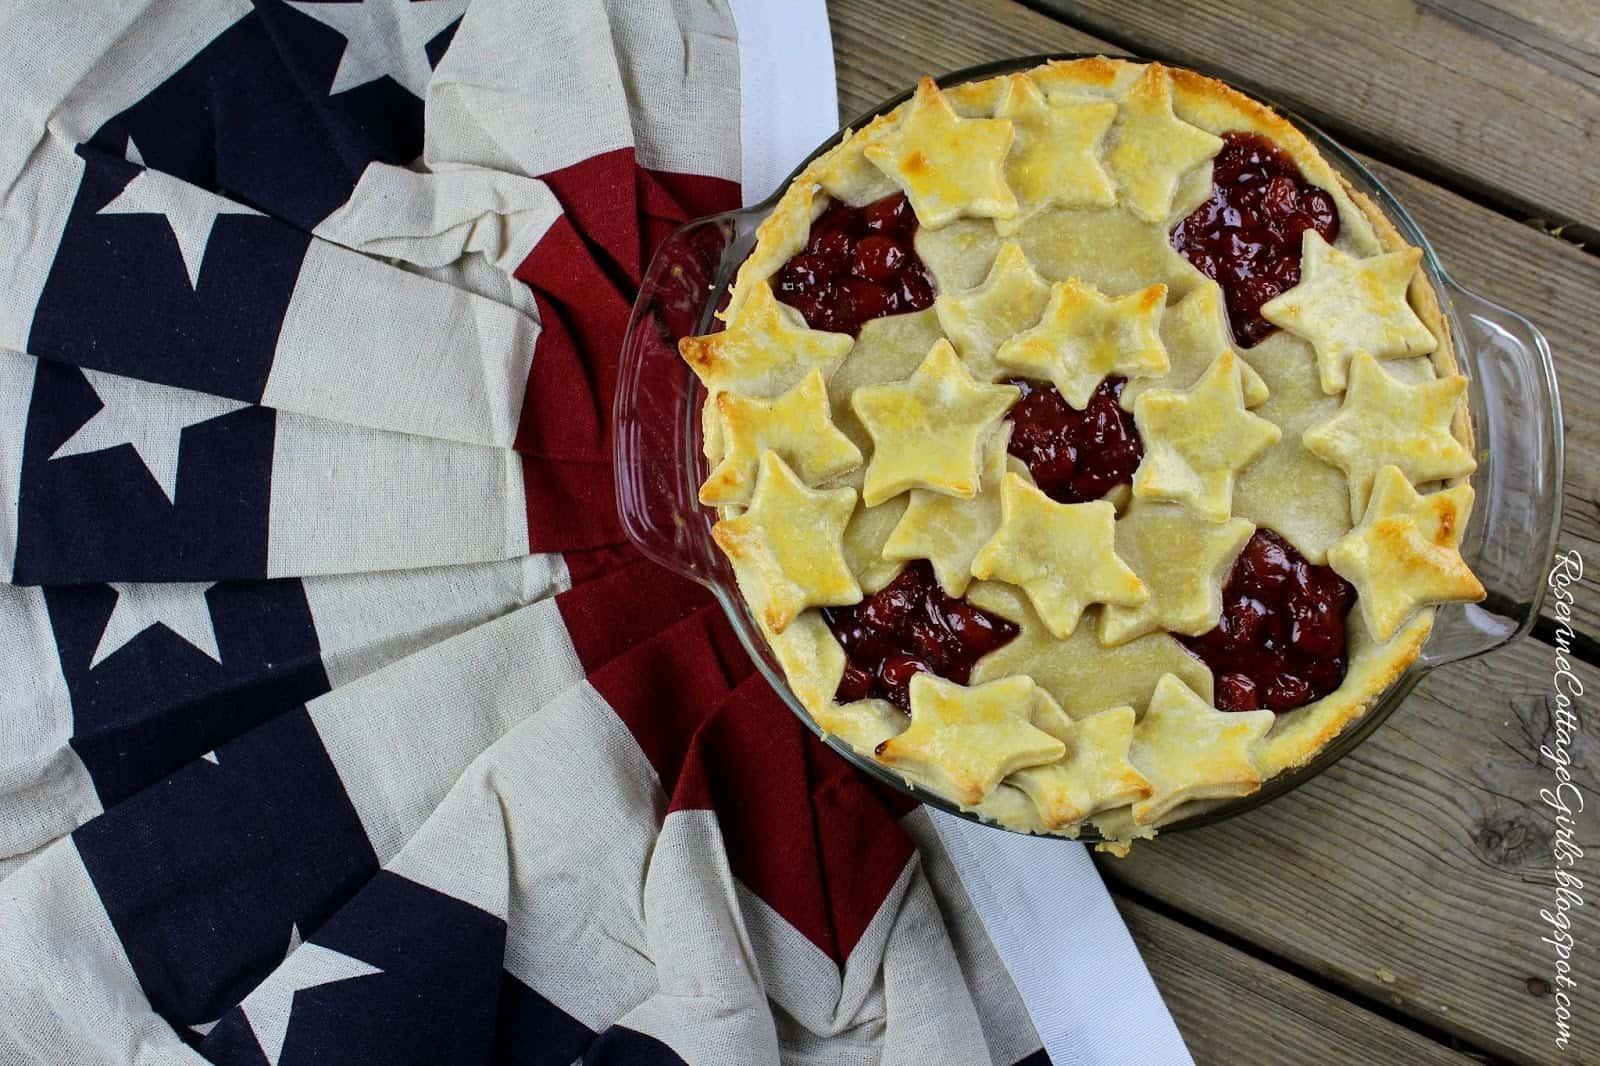 Patriotic Cherry pie, Cherry pie, Star filled cherry pie, cherry pie recipe by Rosevine Cottage Girls